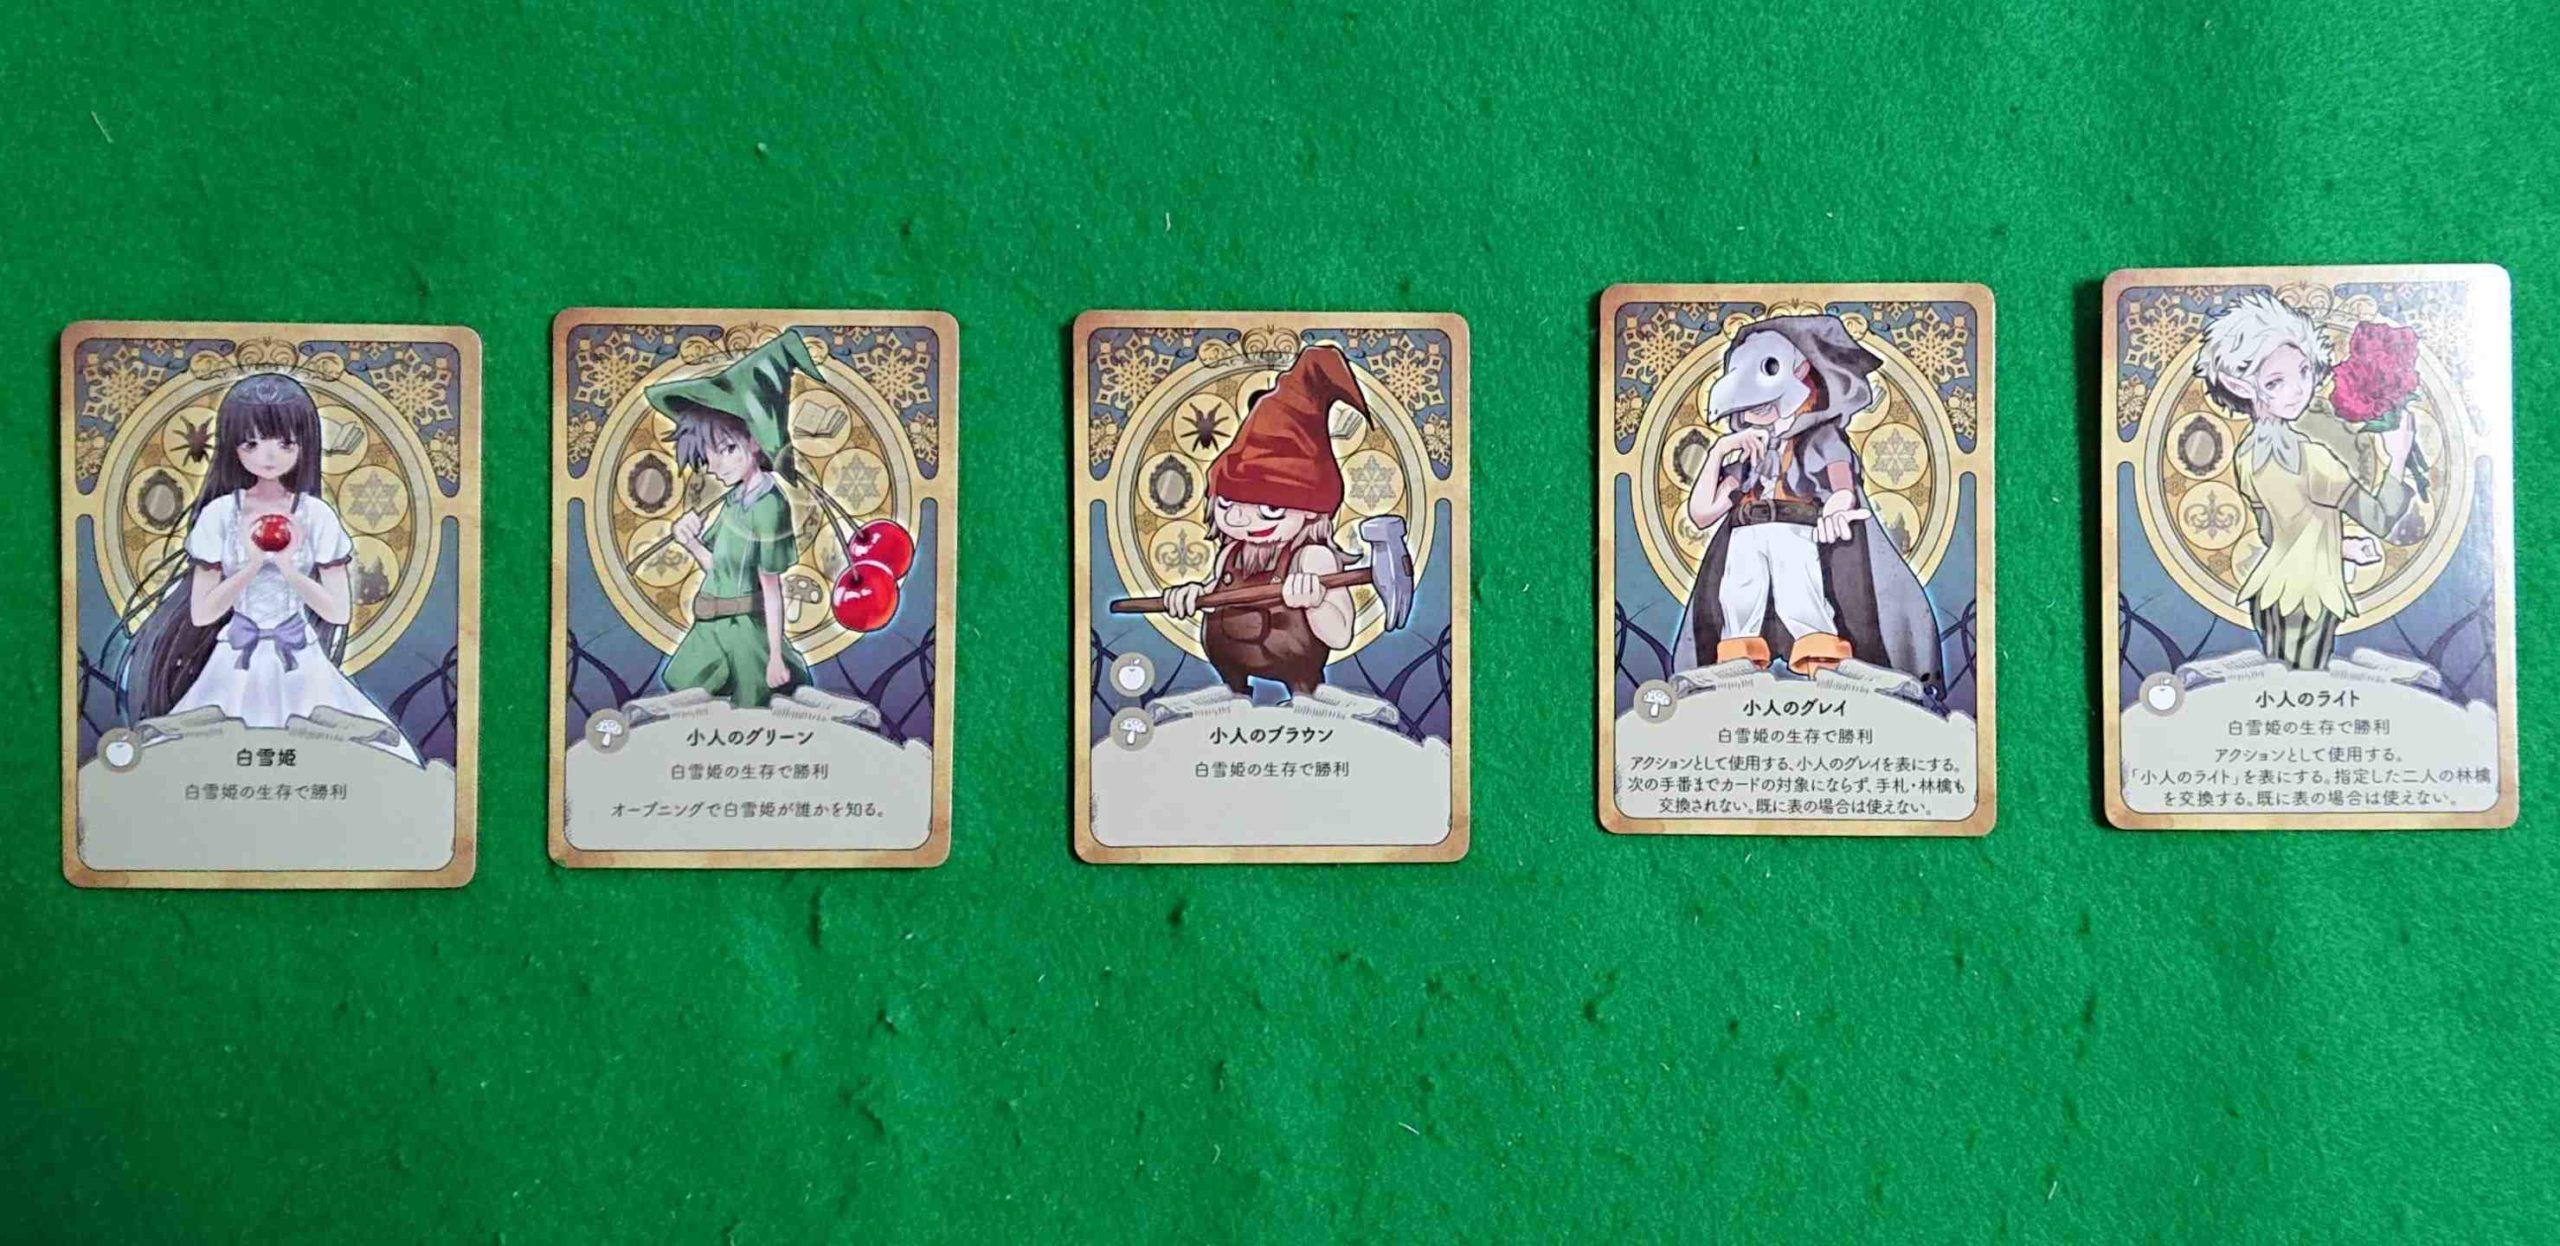 白雪姫のアップルーレット ルール&レビュー 正体隠匿系 ボードゲーム